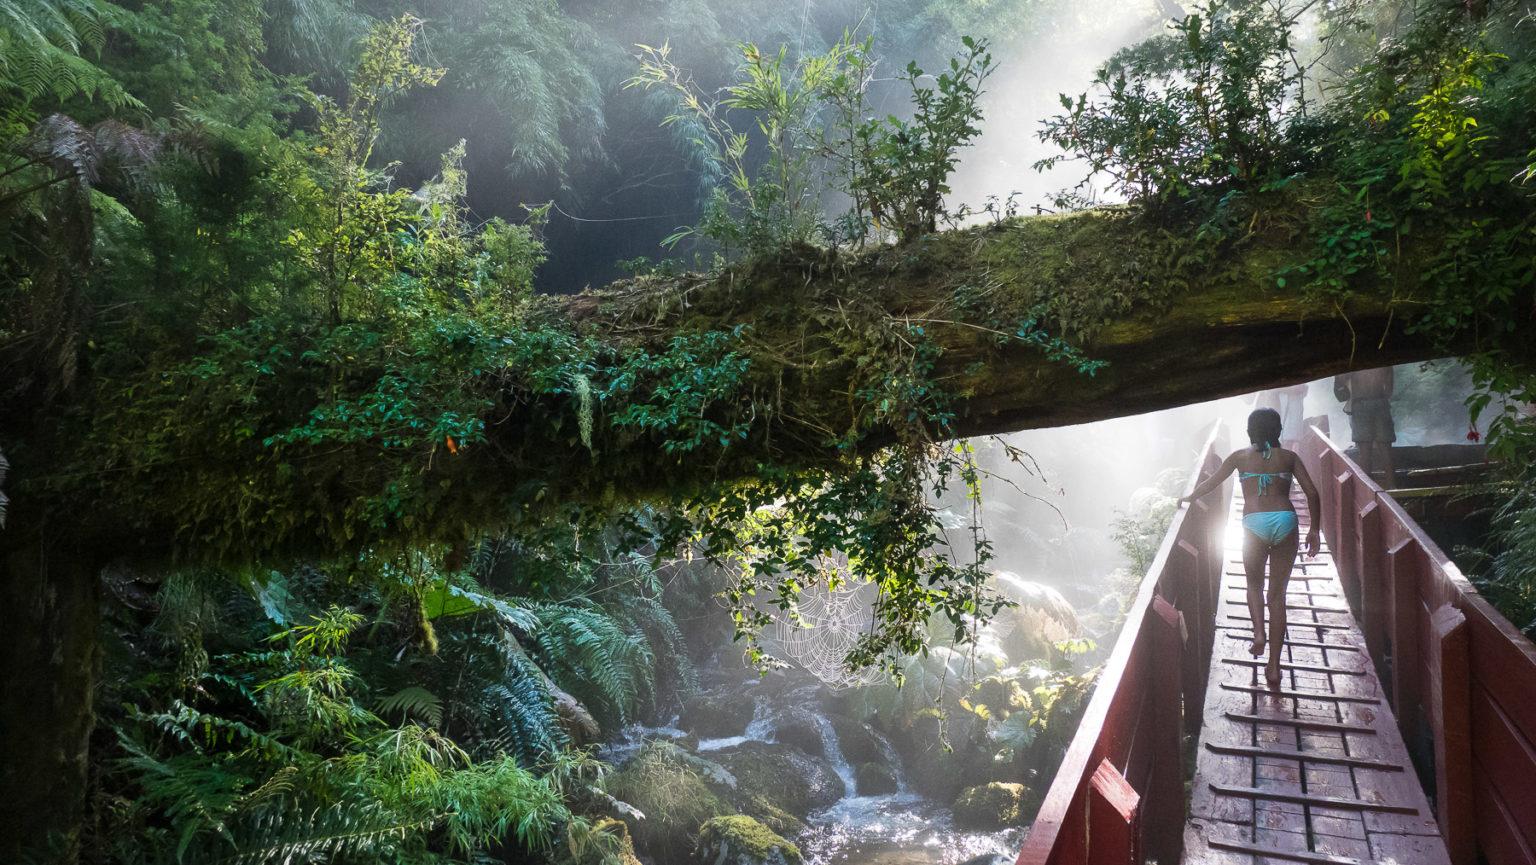 In eine enge, malerische, Schlucht mit heißem Thermalwasser wurden etwa 20 Becken gebaut